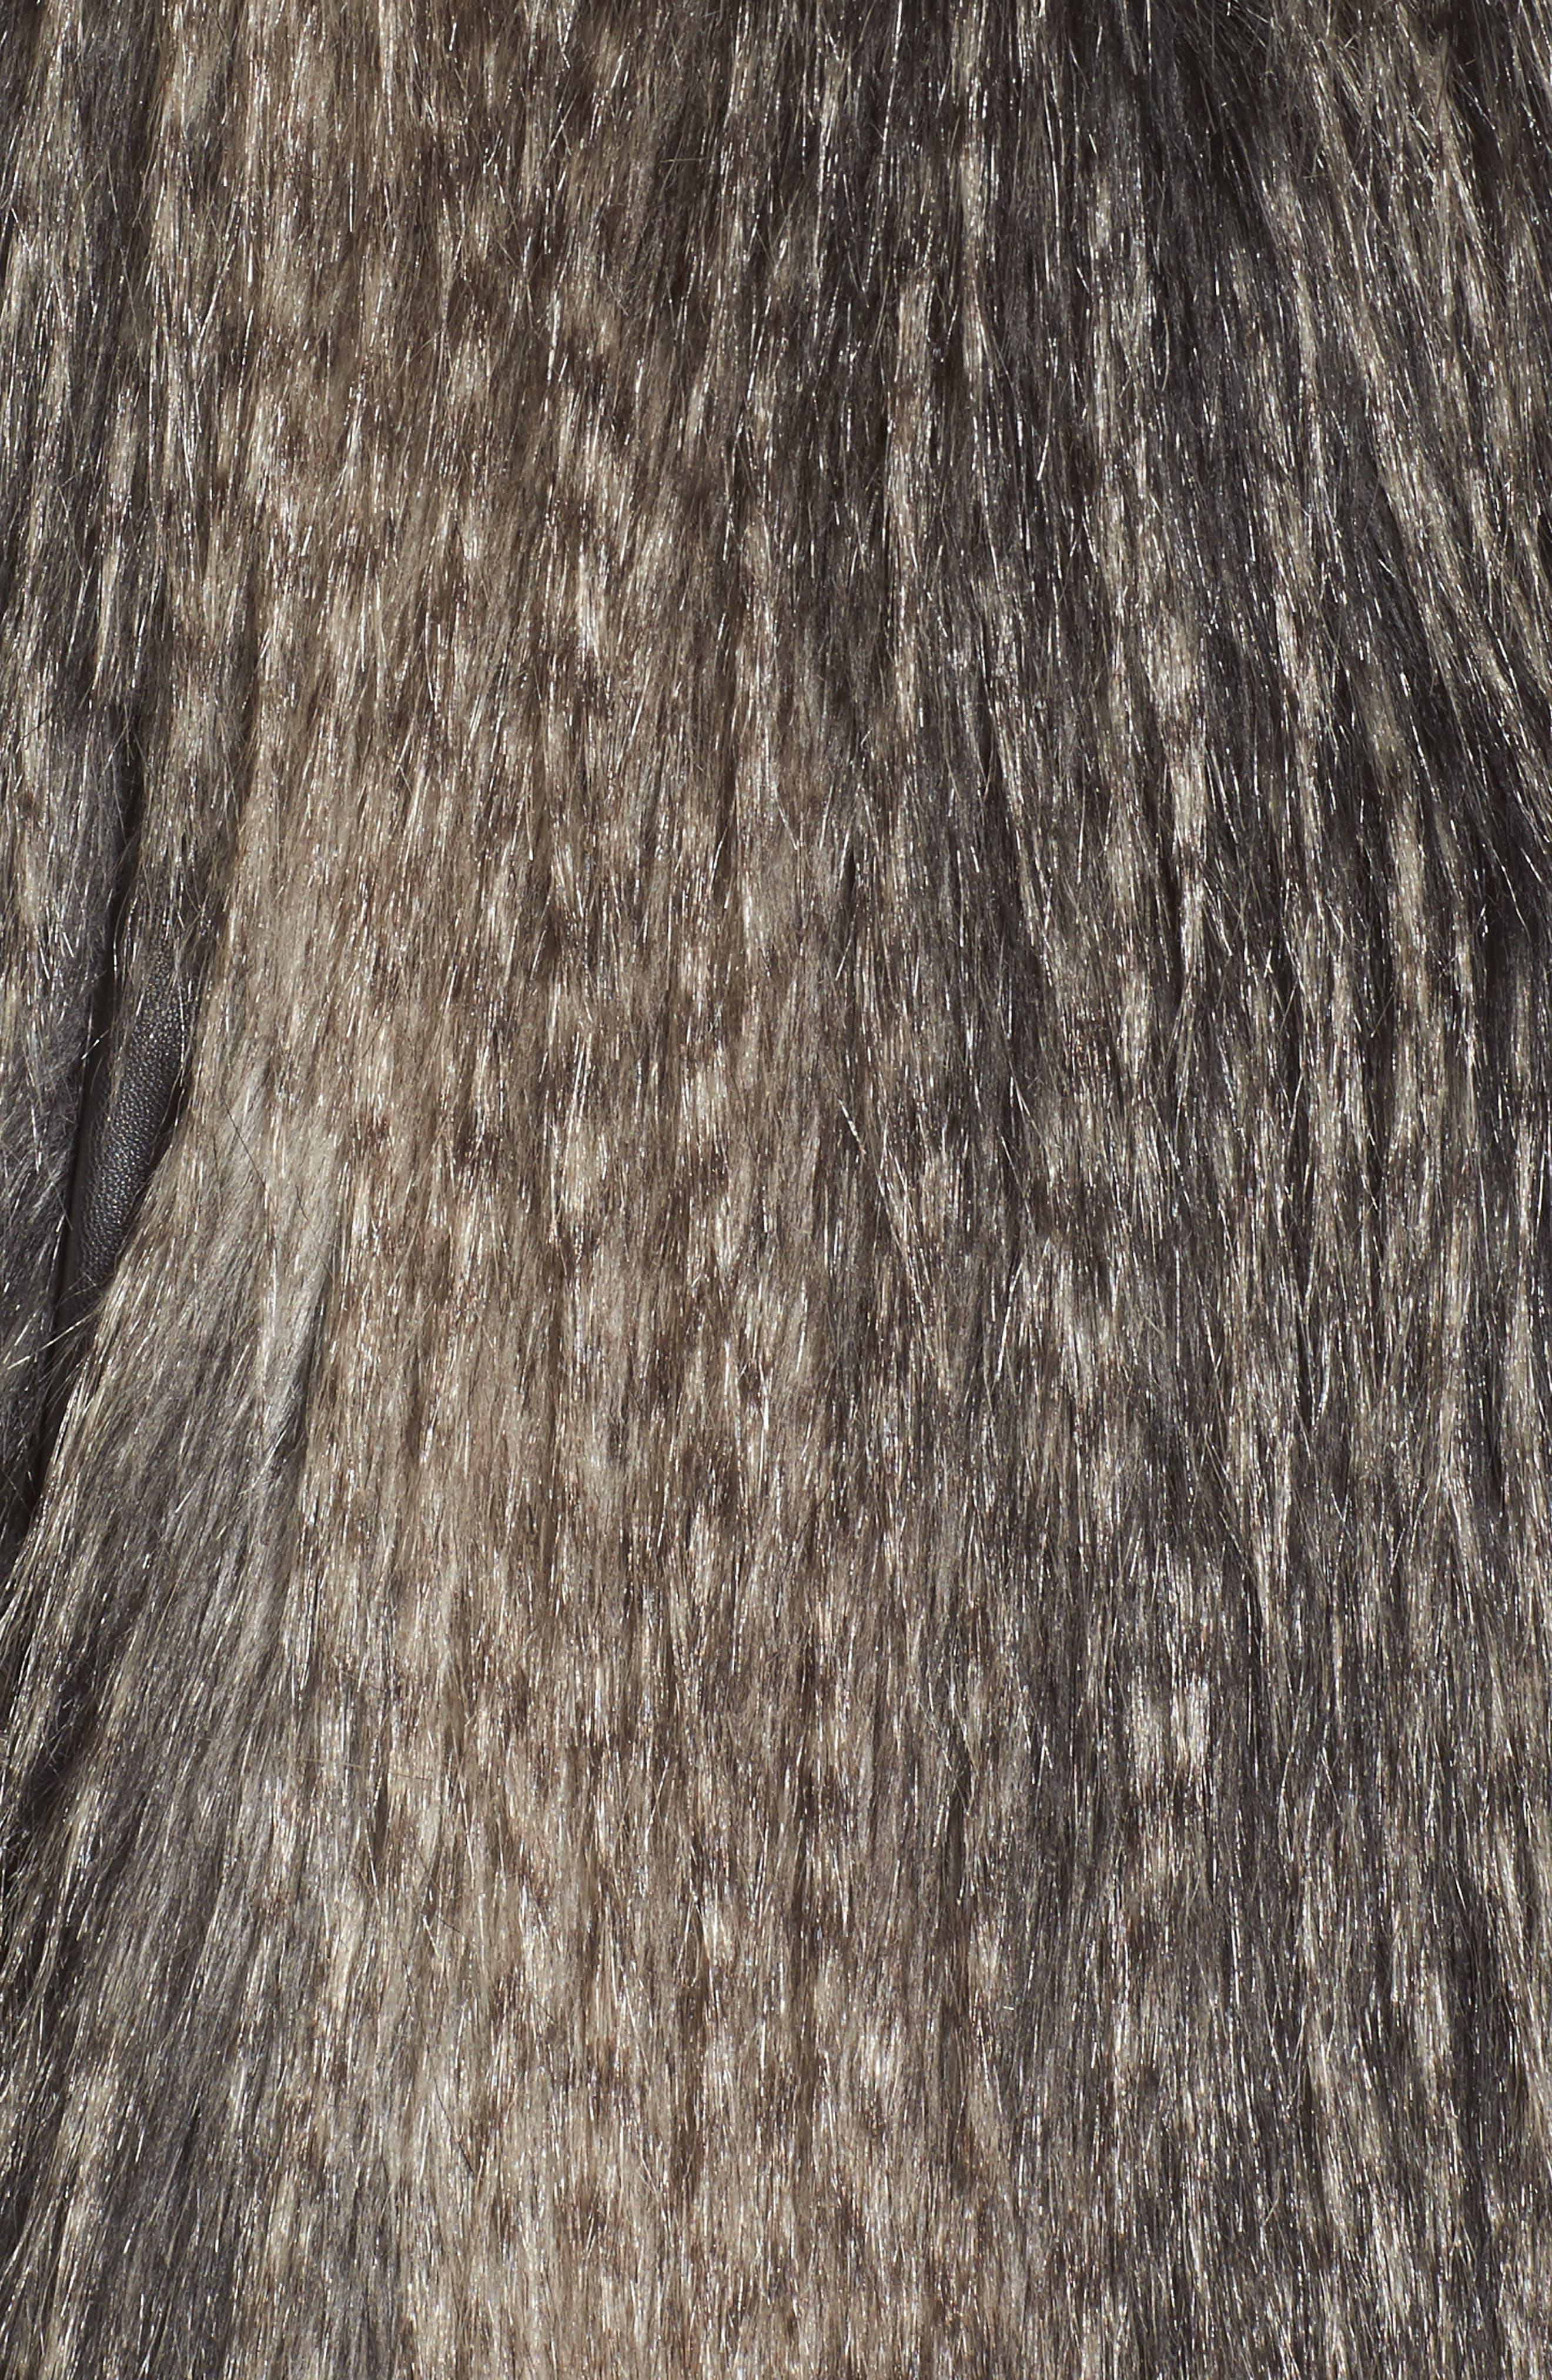 Collarless Faux Fur Vest,                             Alternate thumbnail 5, color,                             001